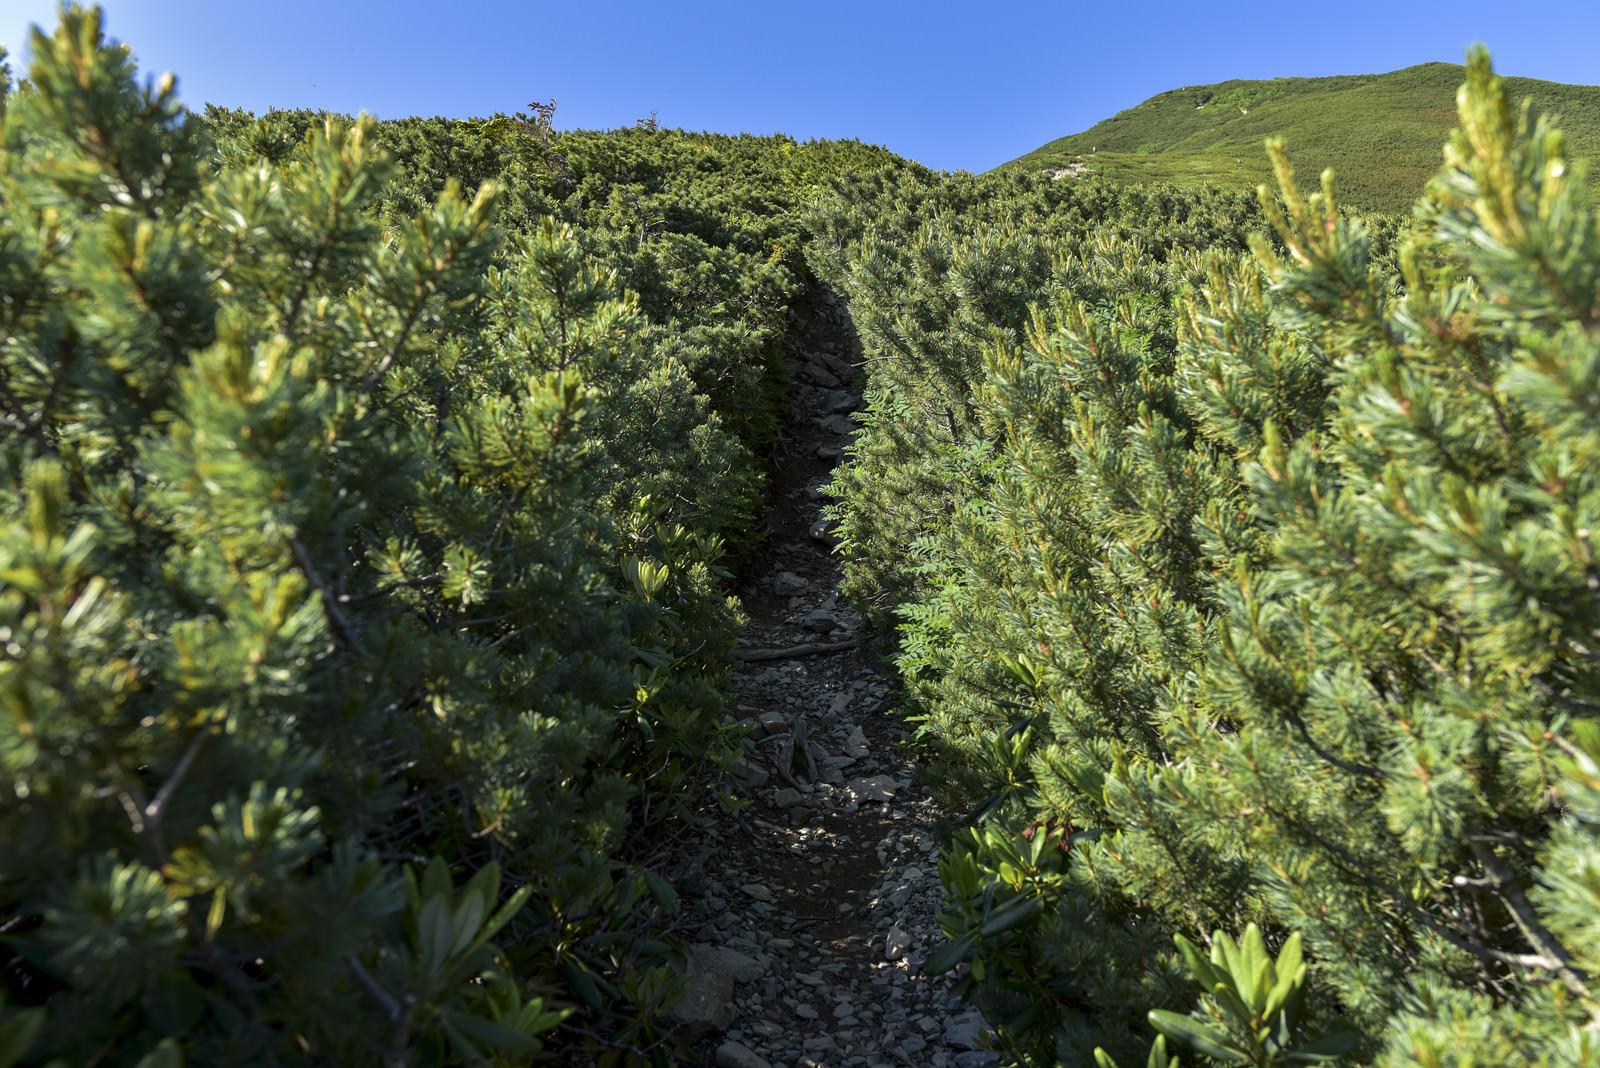 「ハイマツに覆われた仙丈ケ岳の登山道」の写真